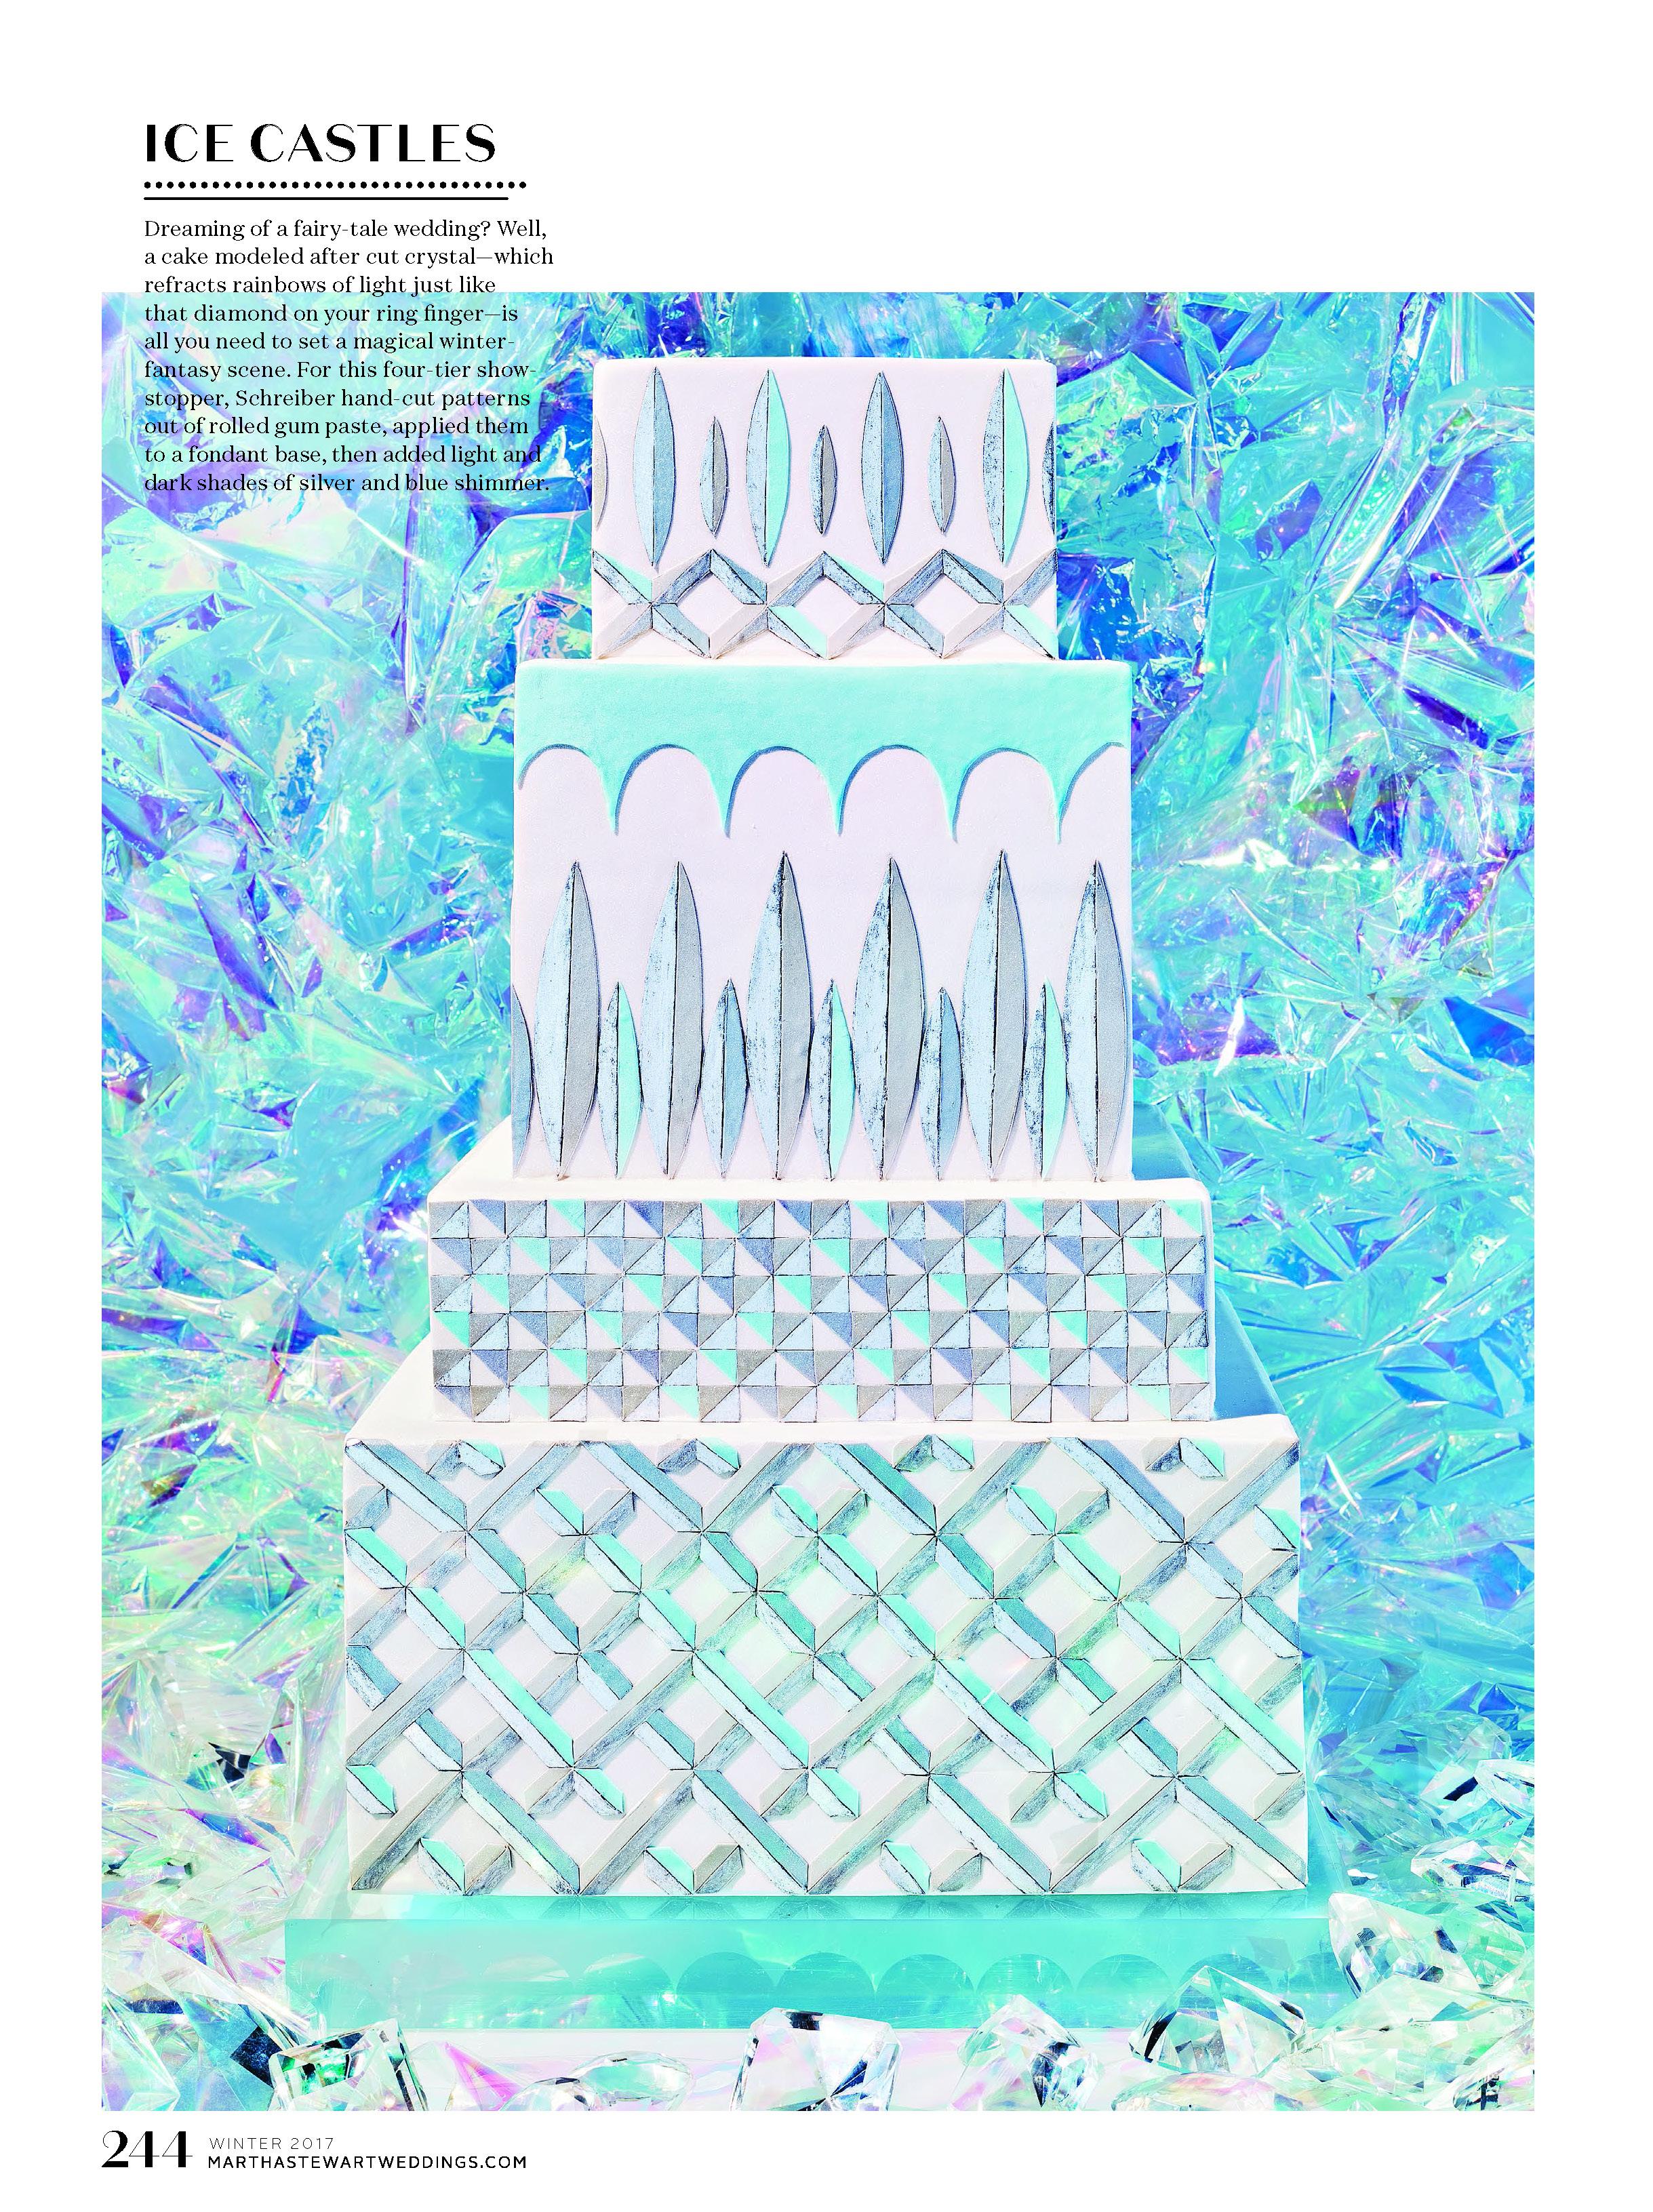 Cut Crystal Inspired Cake, Martha Stewart Weddings